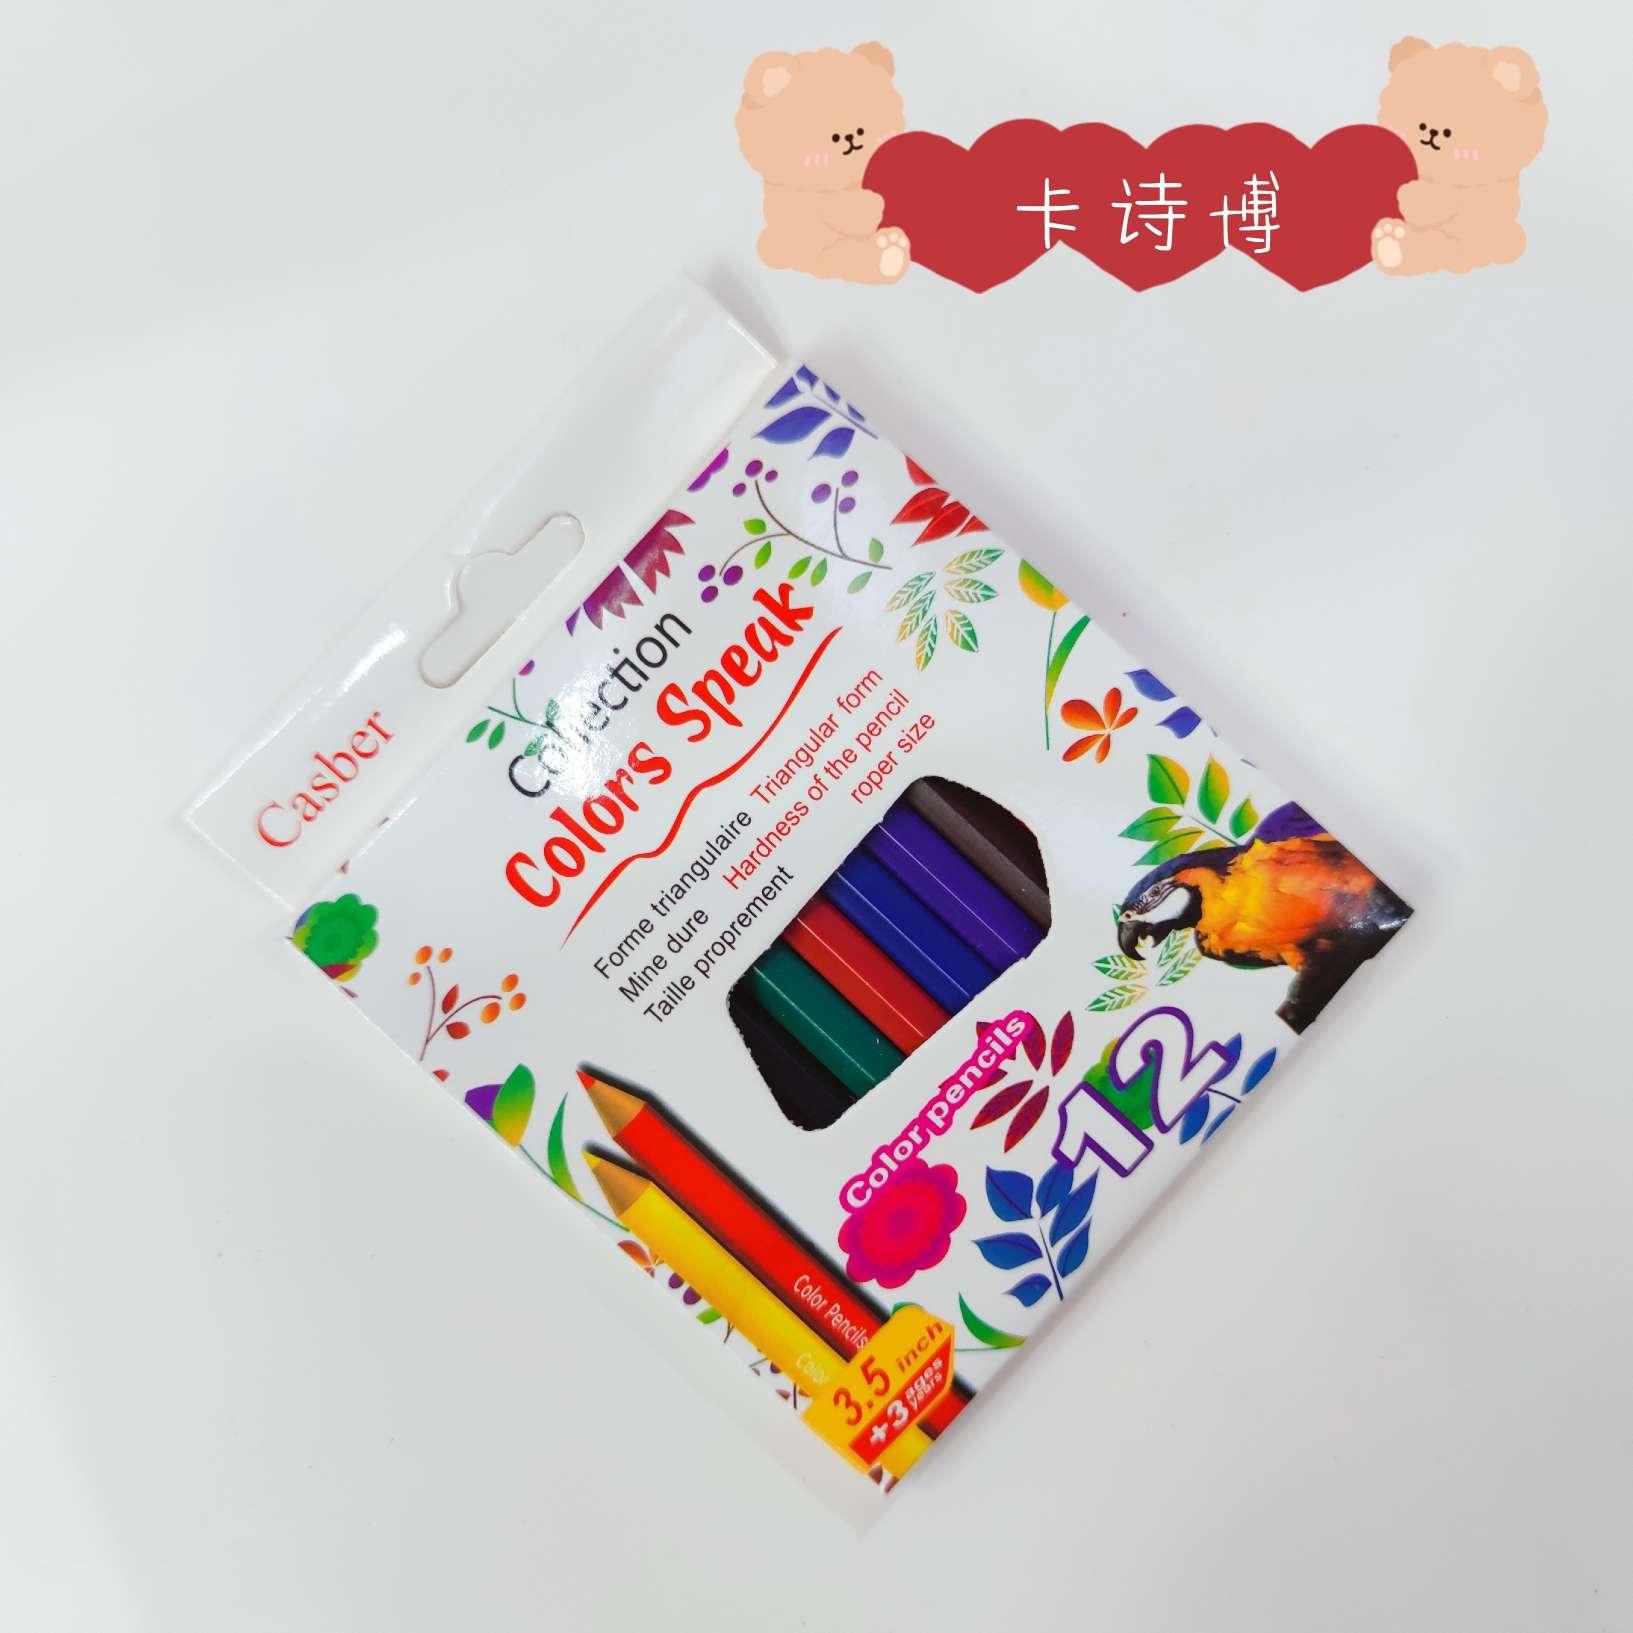 彩色铅笔幼儿园秘密花园12色儿童涂鸦笔